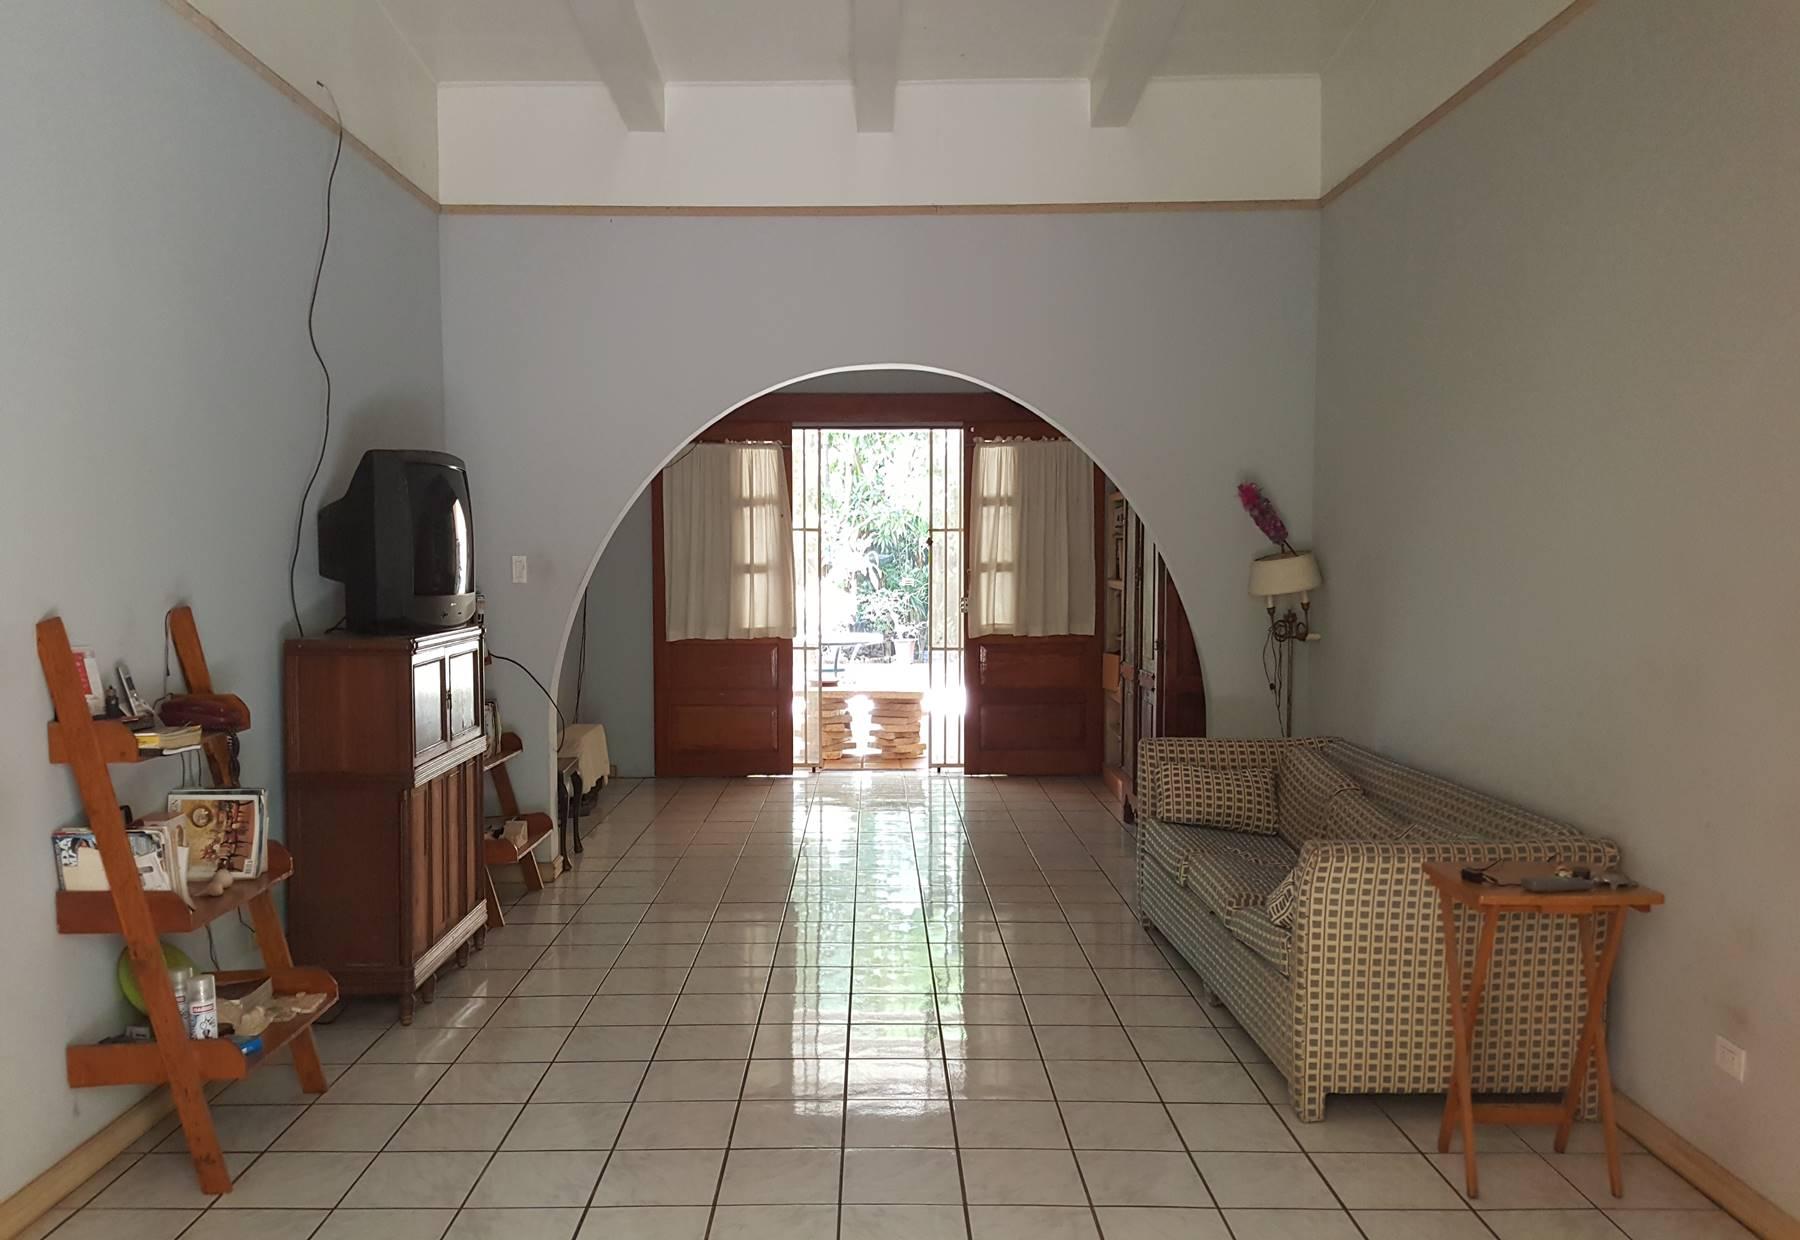 carretera-vieja-a-leon-kmc-bienes-raices-7153063-9